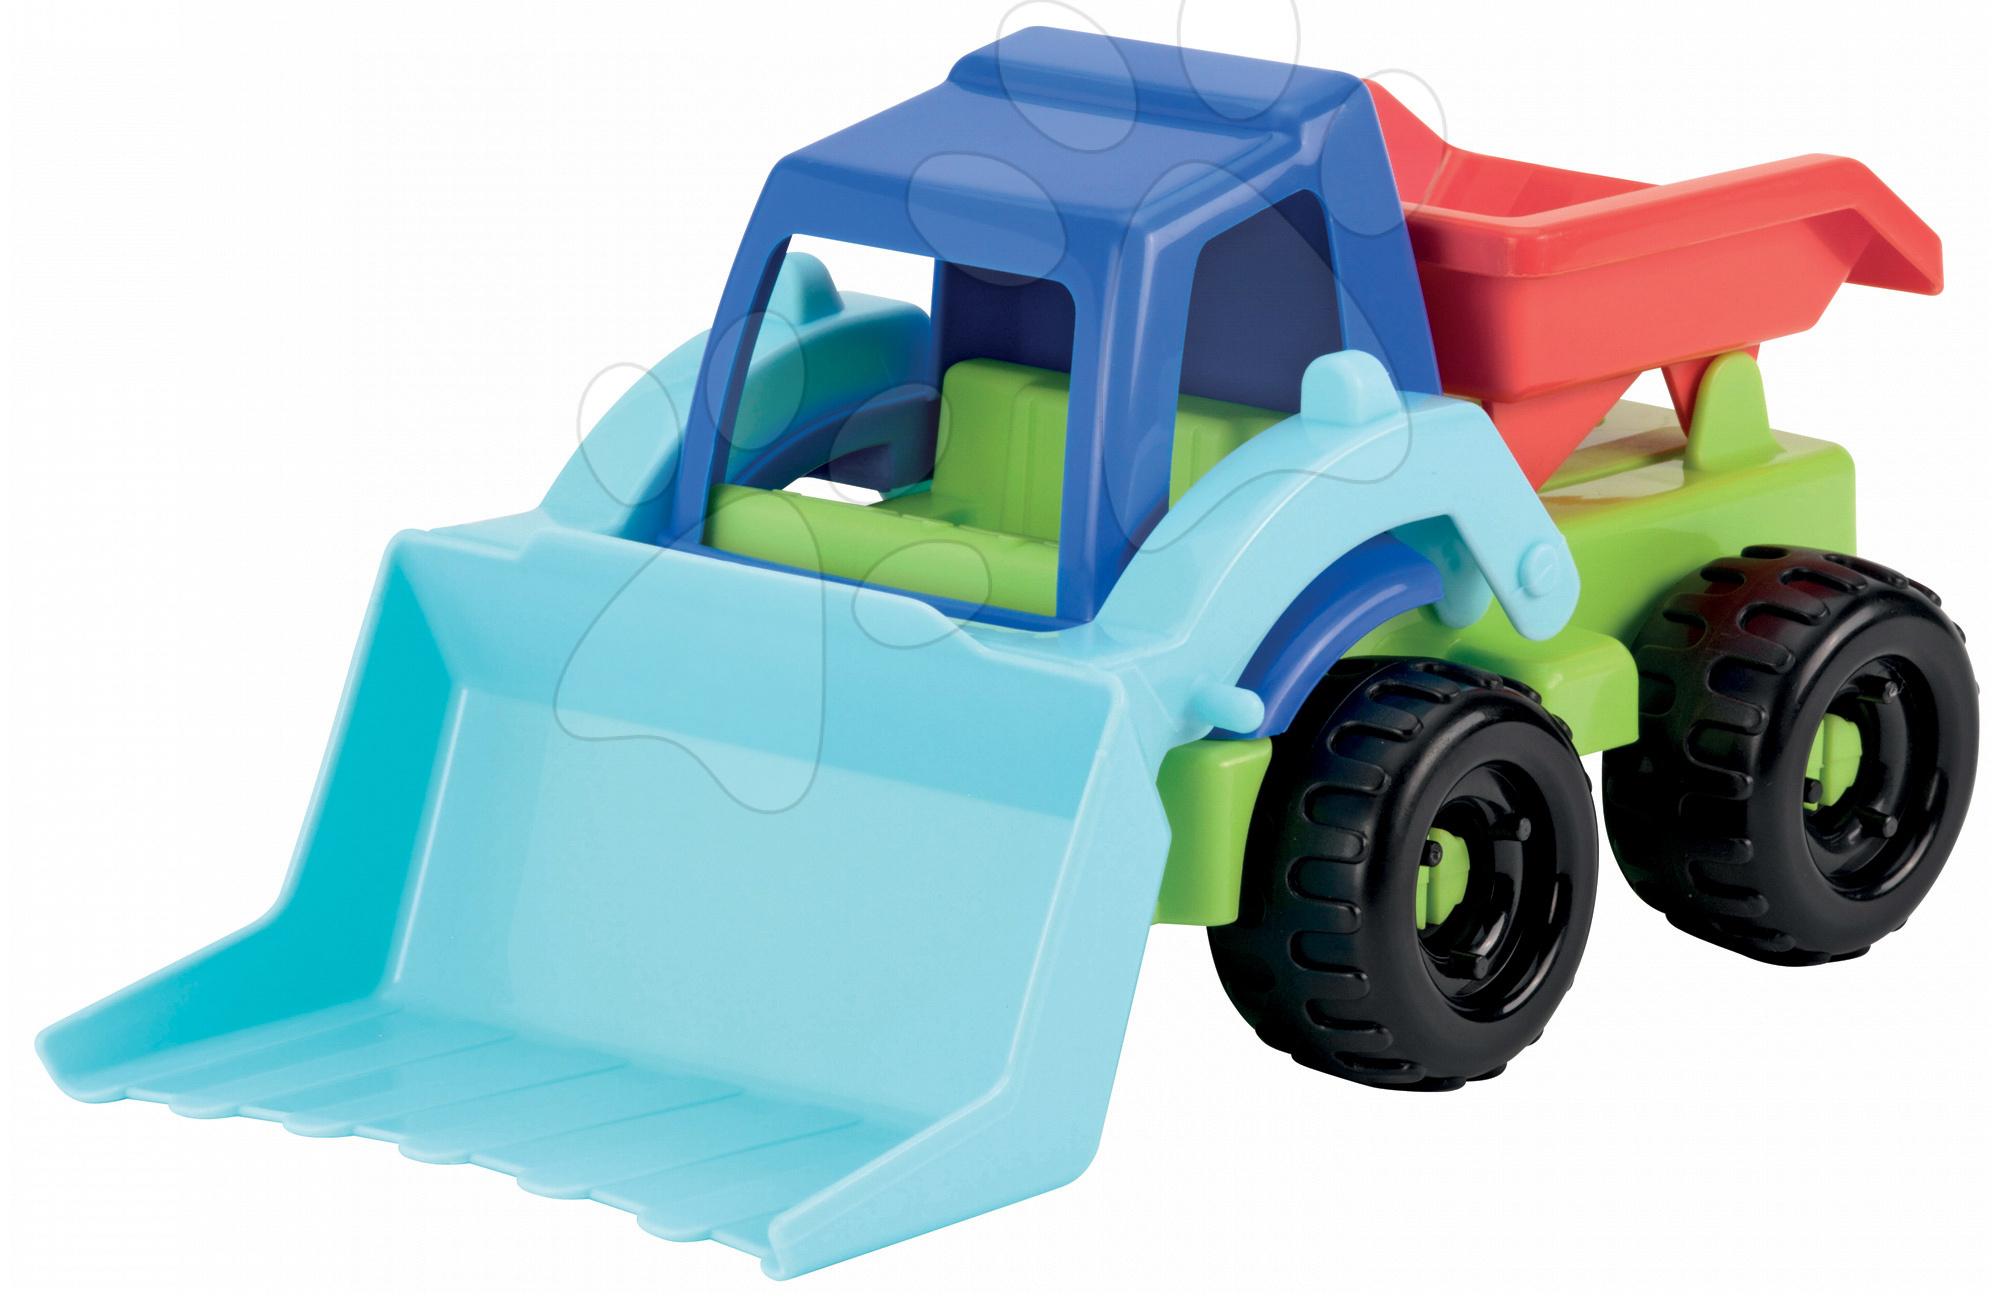 Stavebné stroje - Buldozér Écoiffier pracovné autíčko dĺžka 20 cm od 18 mes